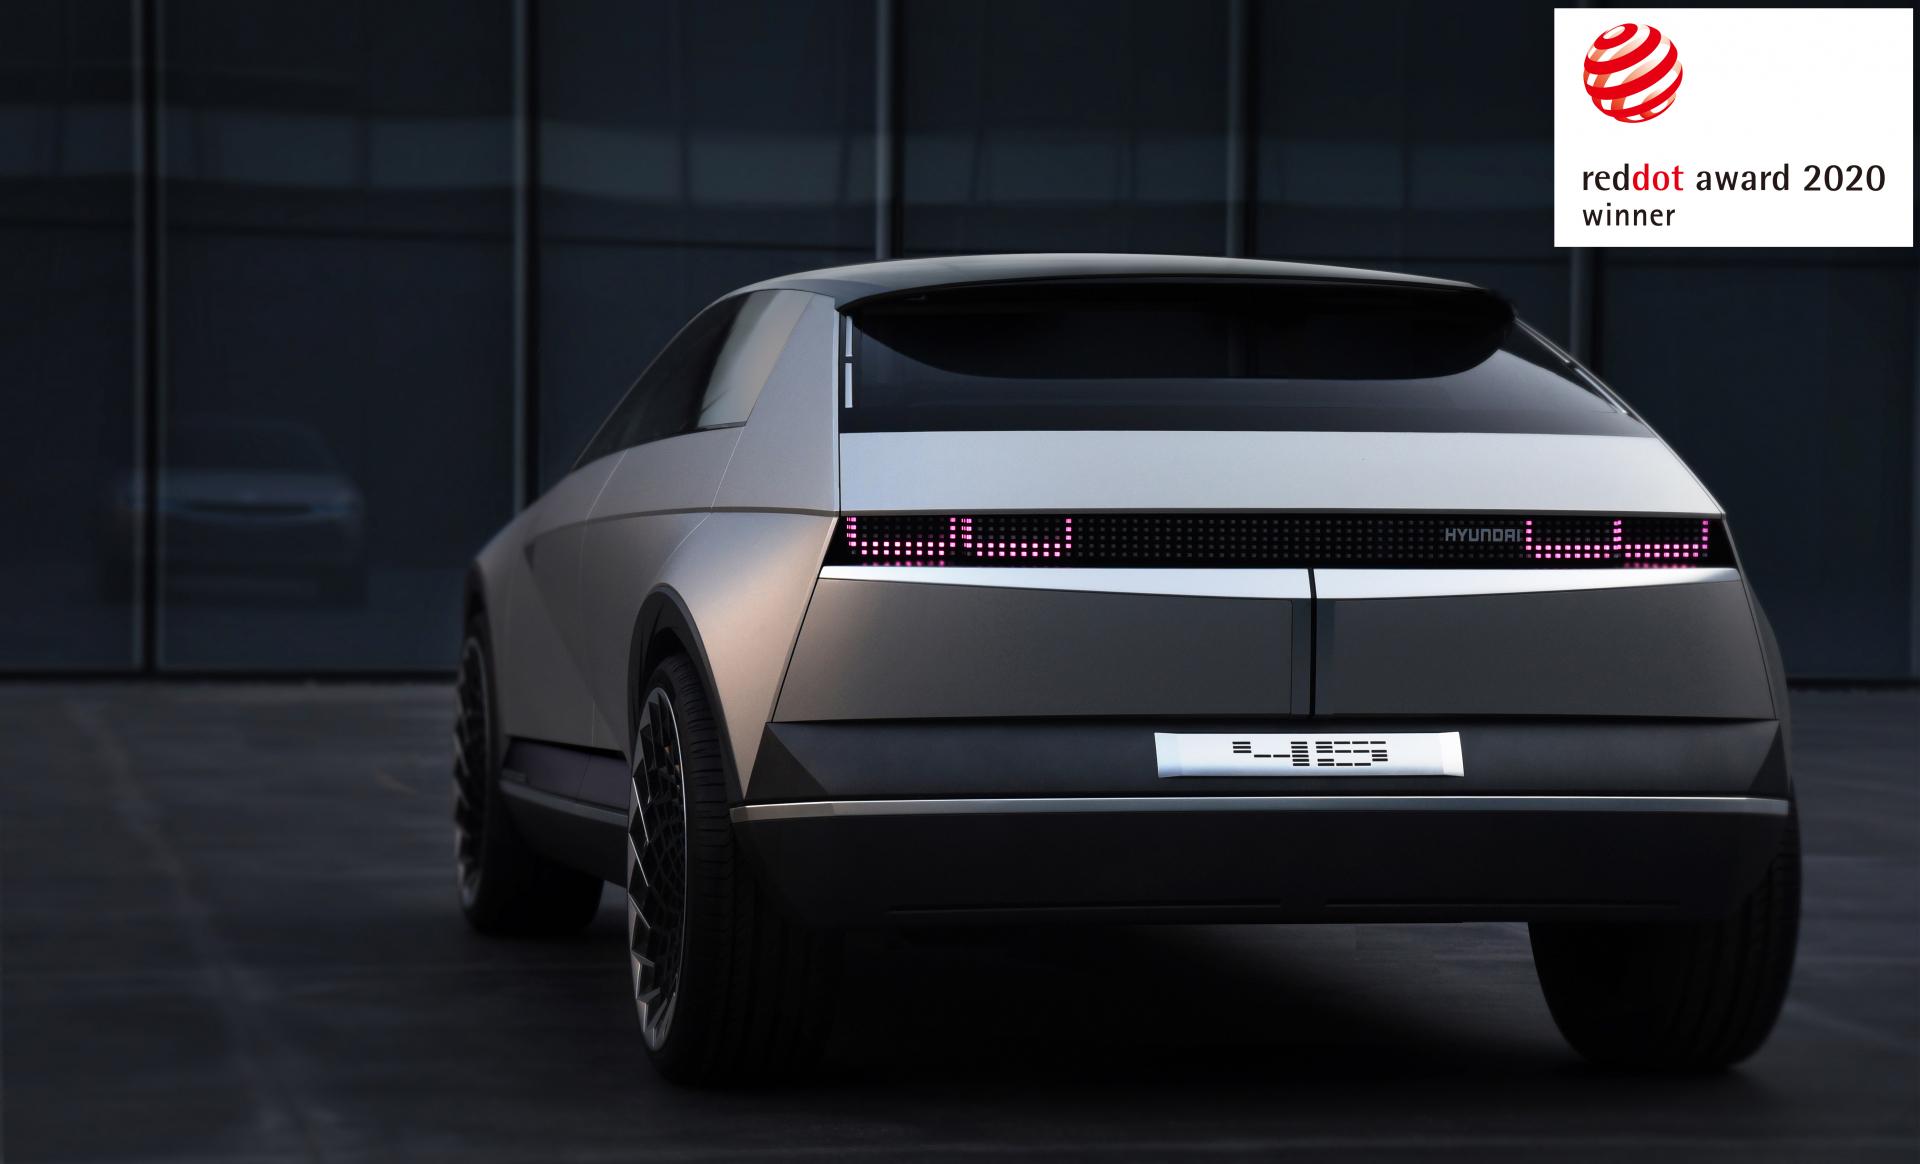 Компанія Hyundai Motor отримала три нагороди Red Dot Award 2020 за концептуальний дизайн | Фрунзе-Авто - фото 10